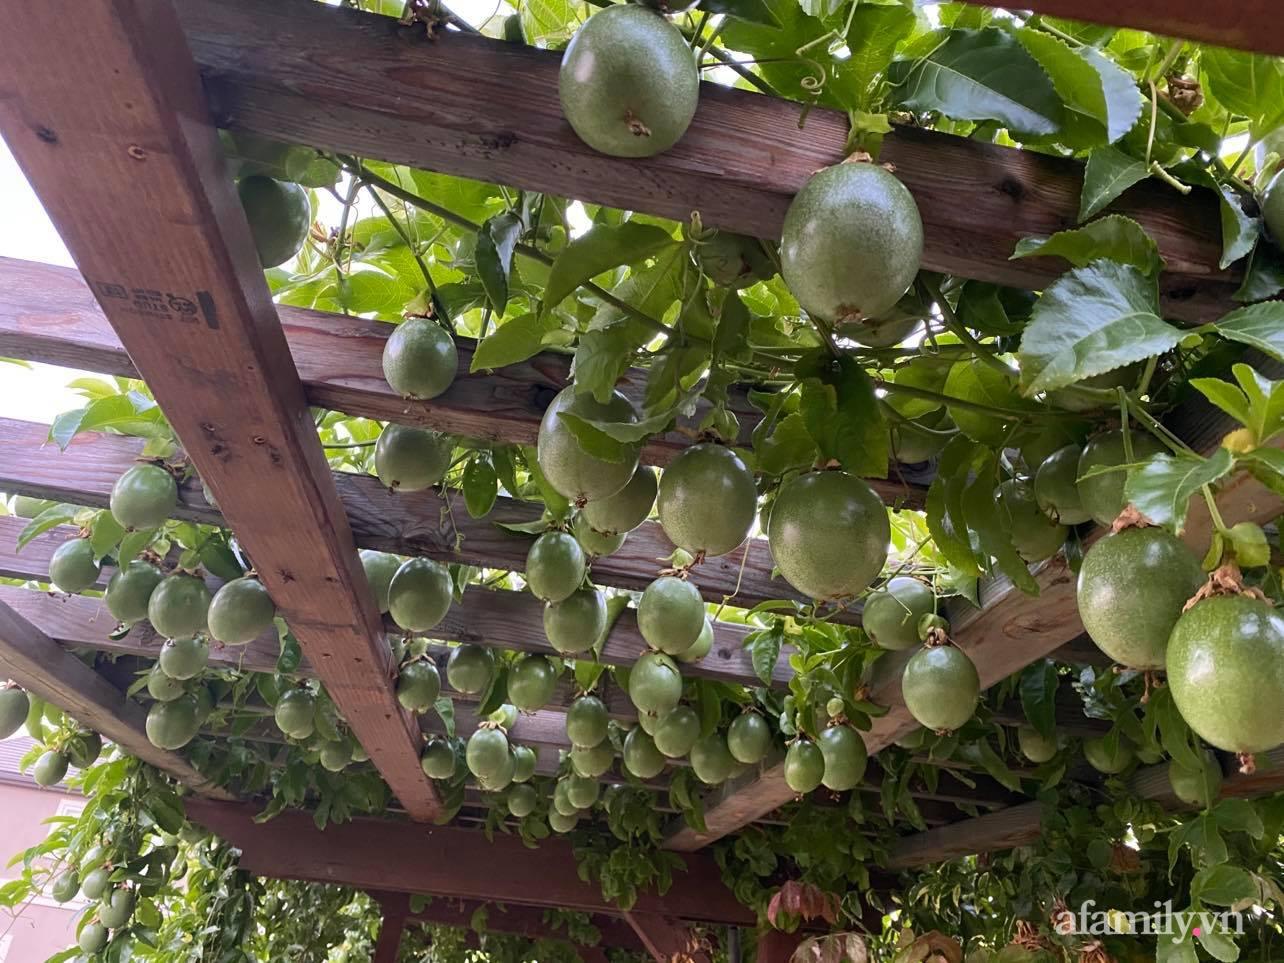 Khu vườn 800m² phủ kín đủ loại rau quả sạch của mẹ Việt đảm yêu cây - Ảnh 3.